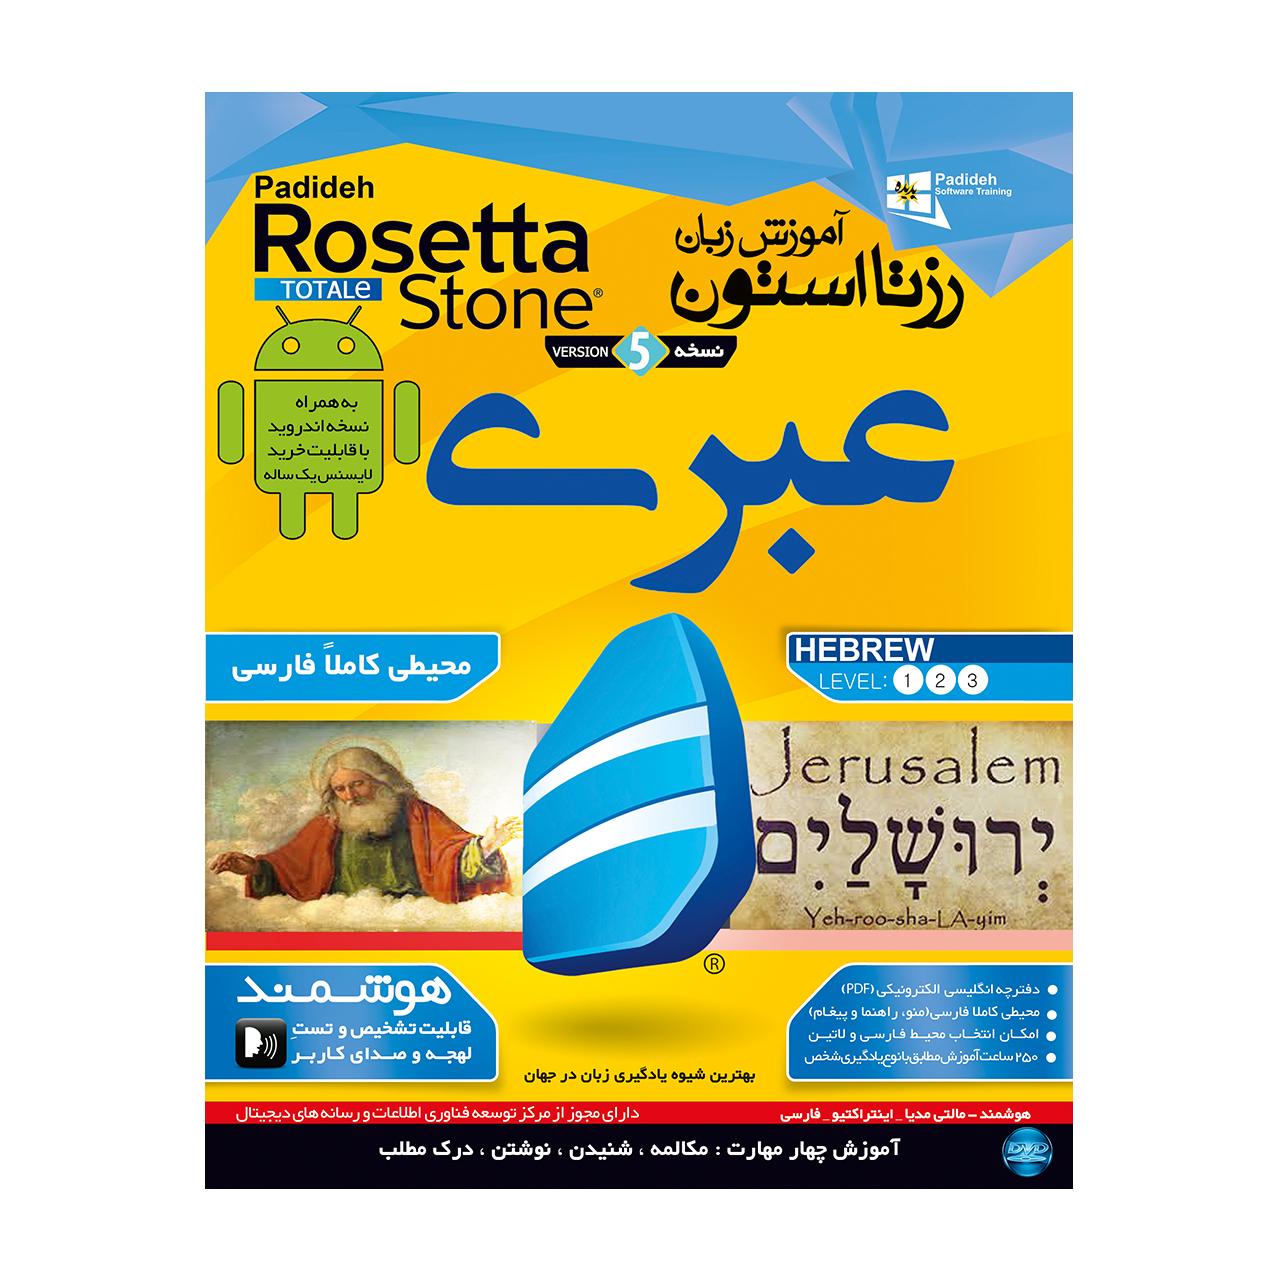 نرم افزار آموزش زبان عبری رزتا استون نشر پدیده